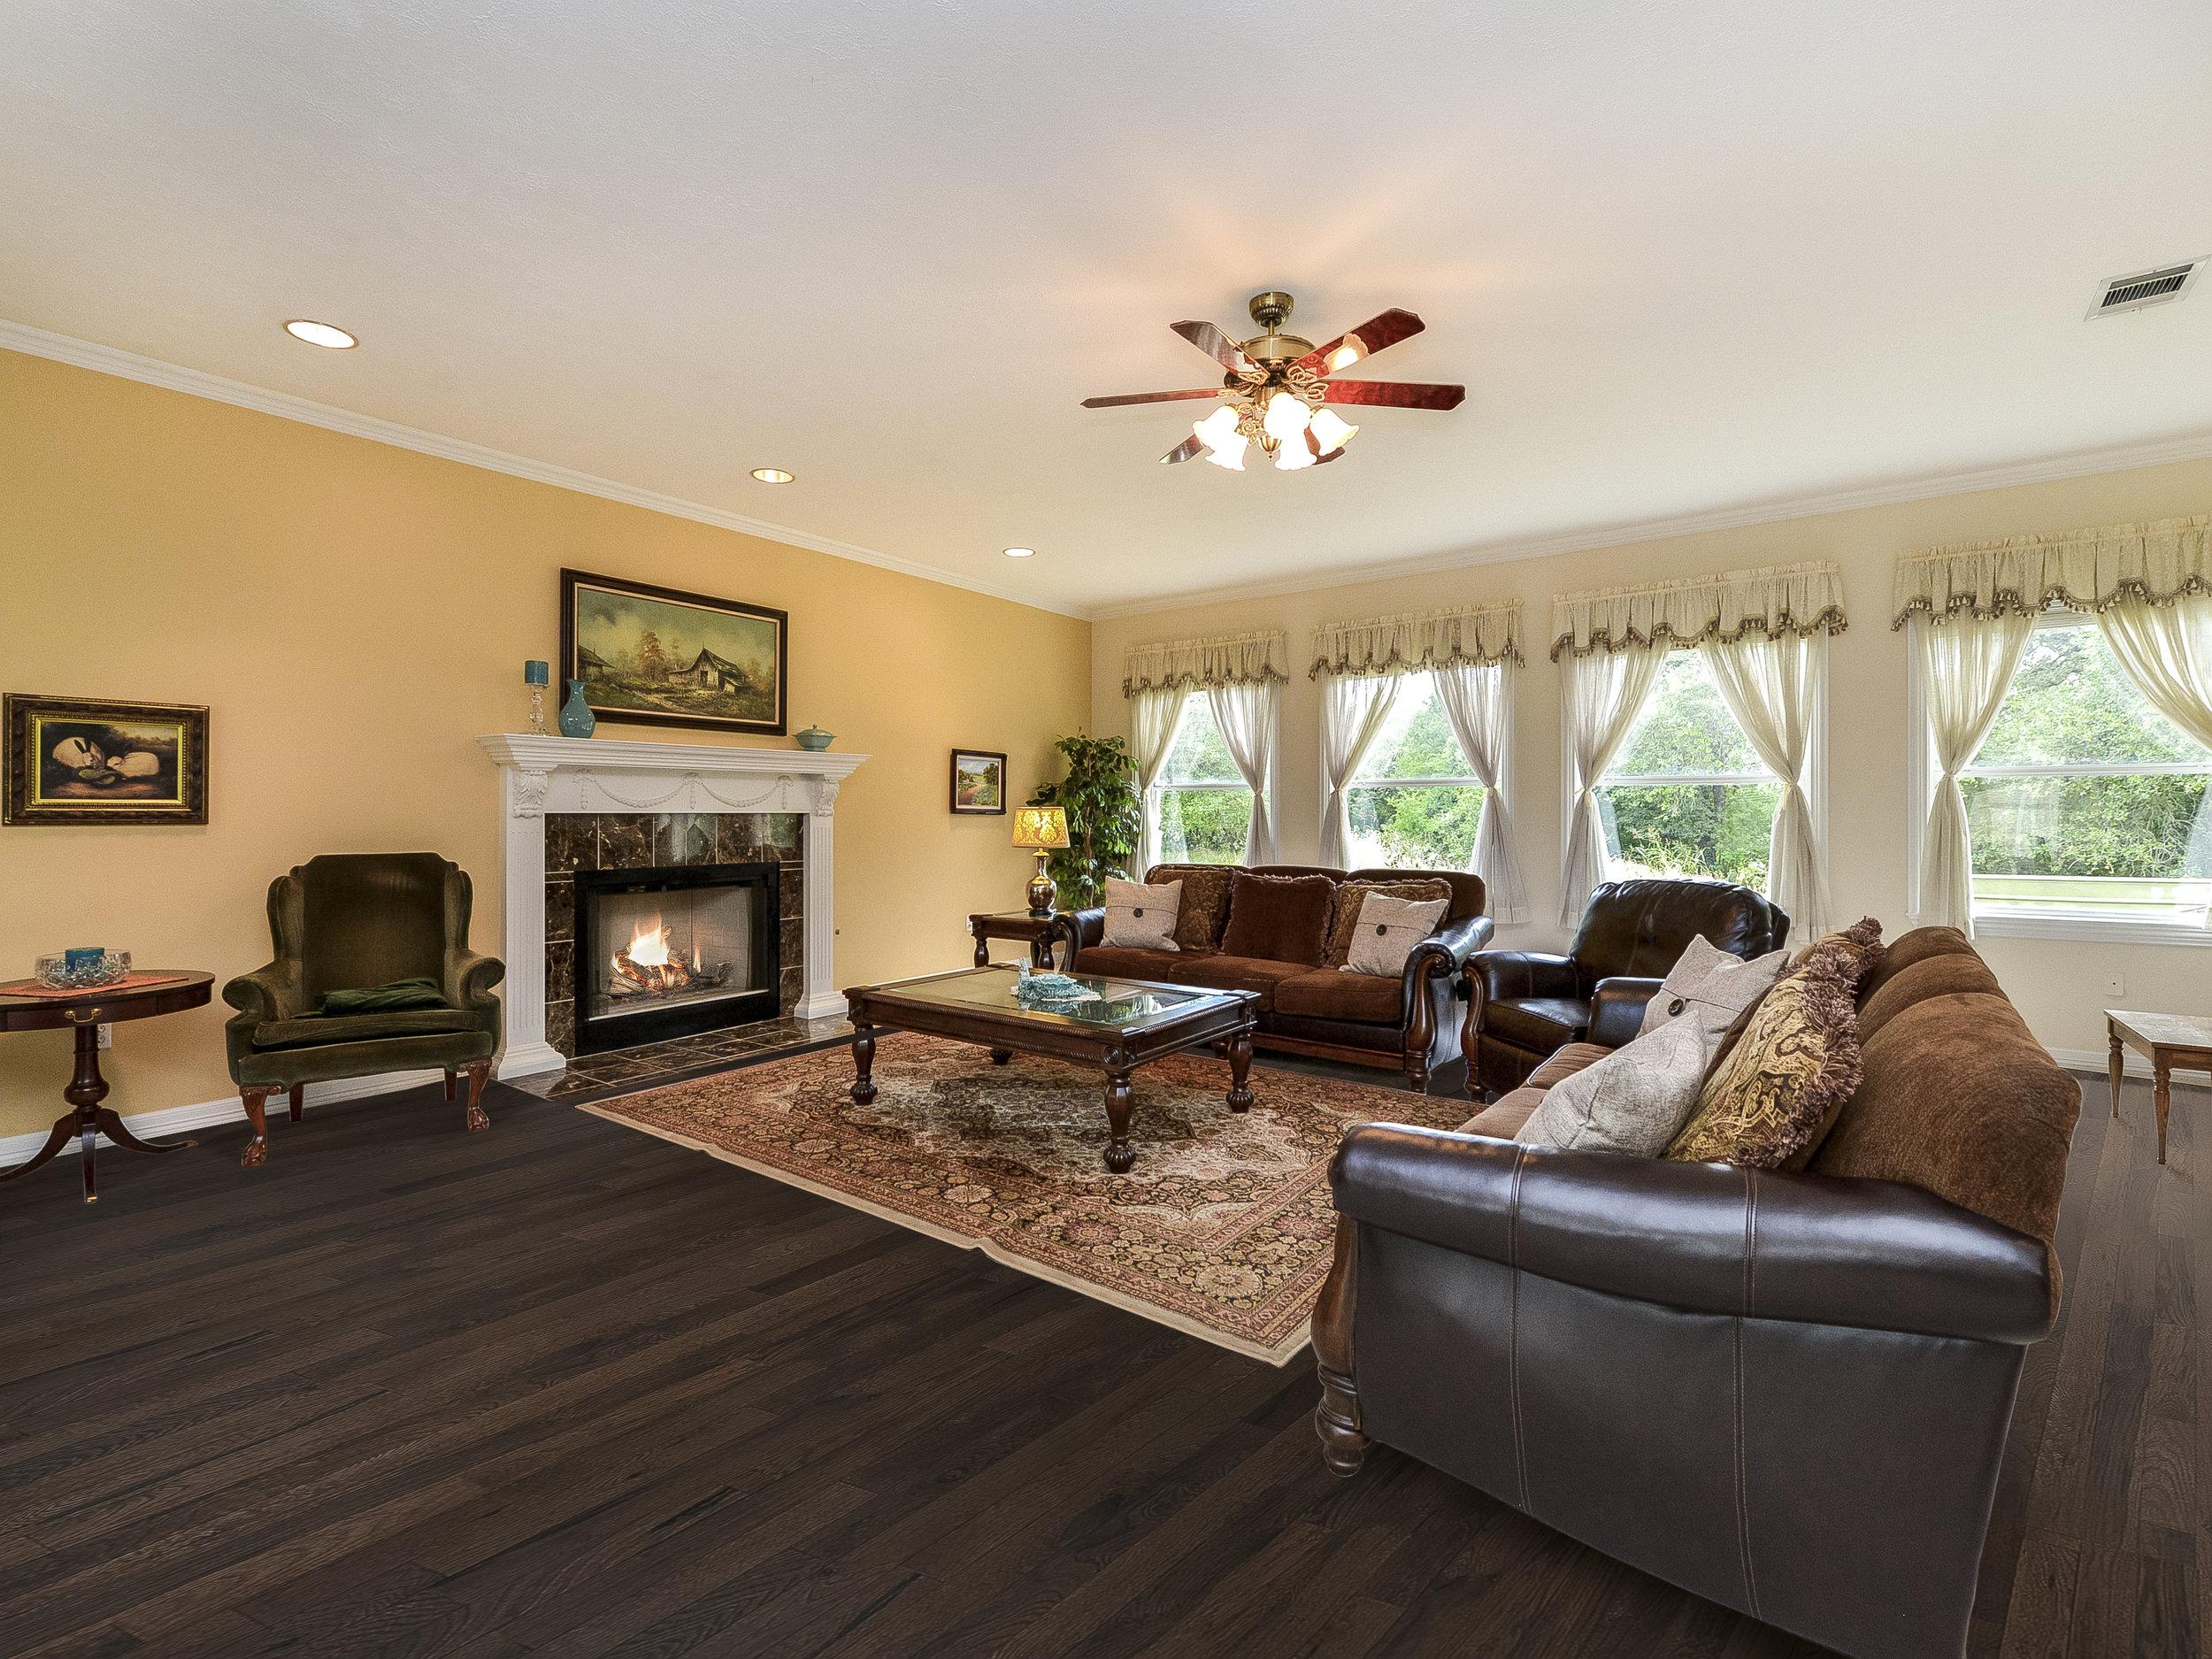 Wood Floor Option